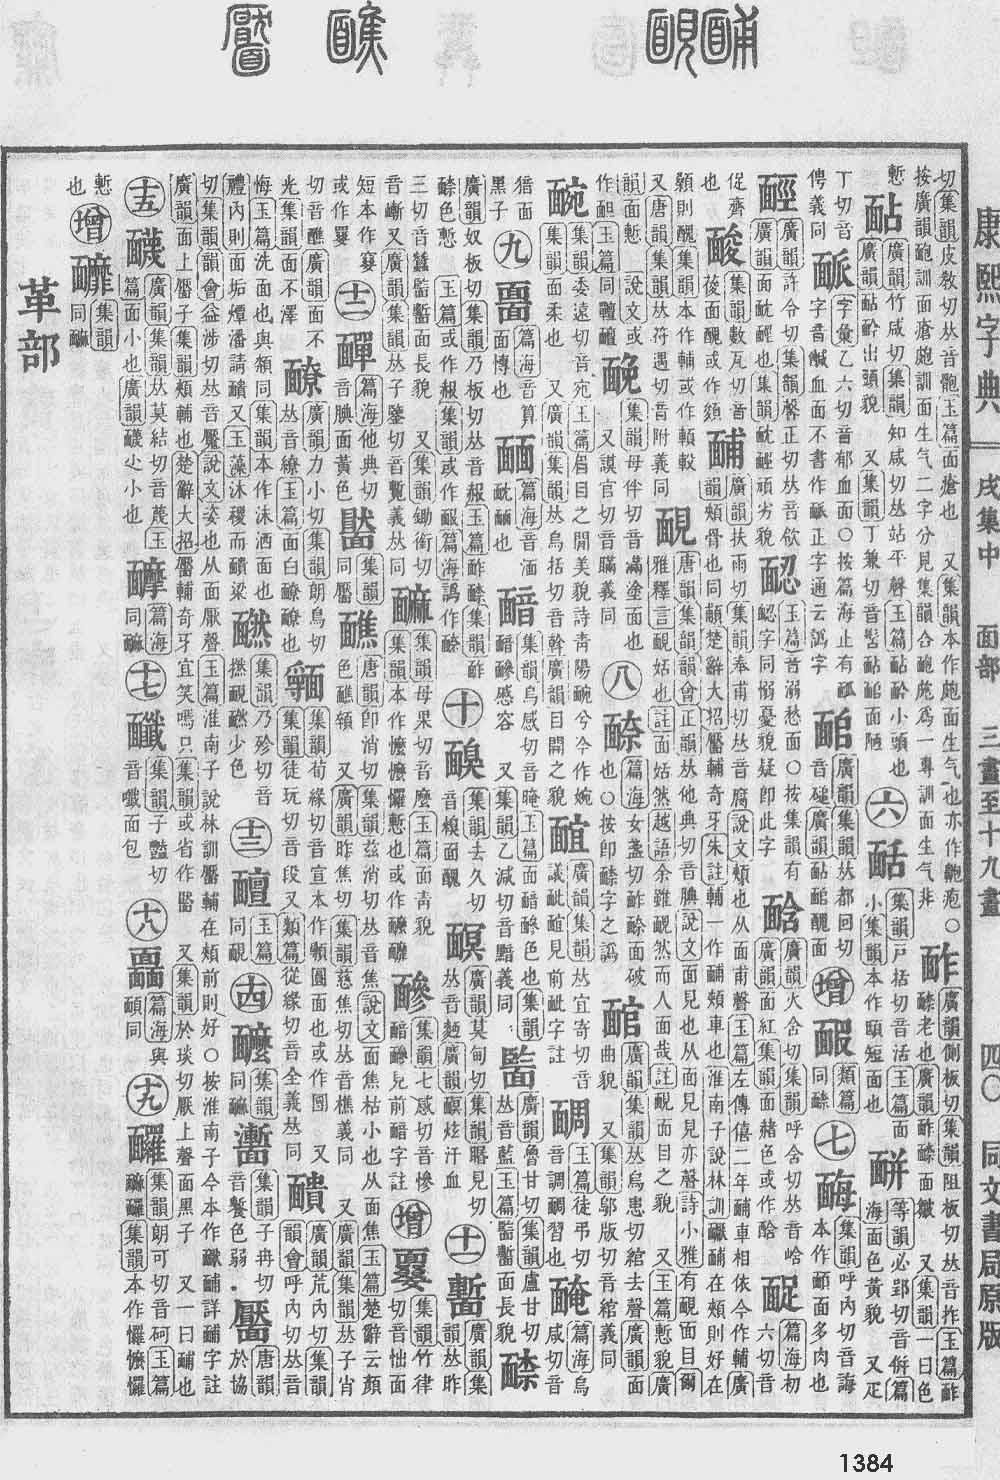 《康熙字典》第1384页